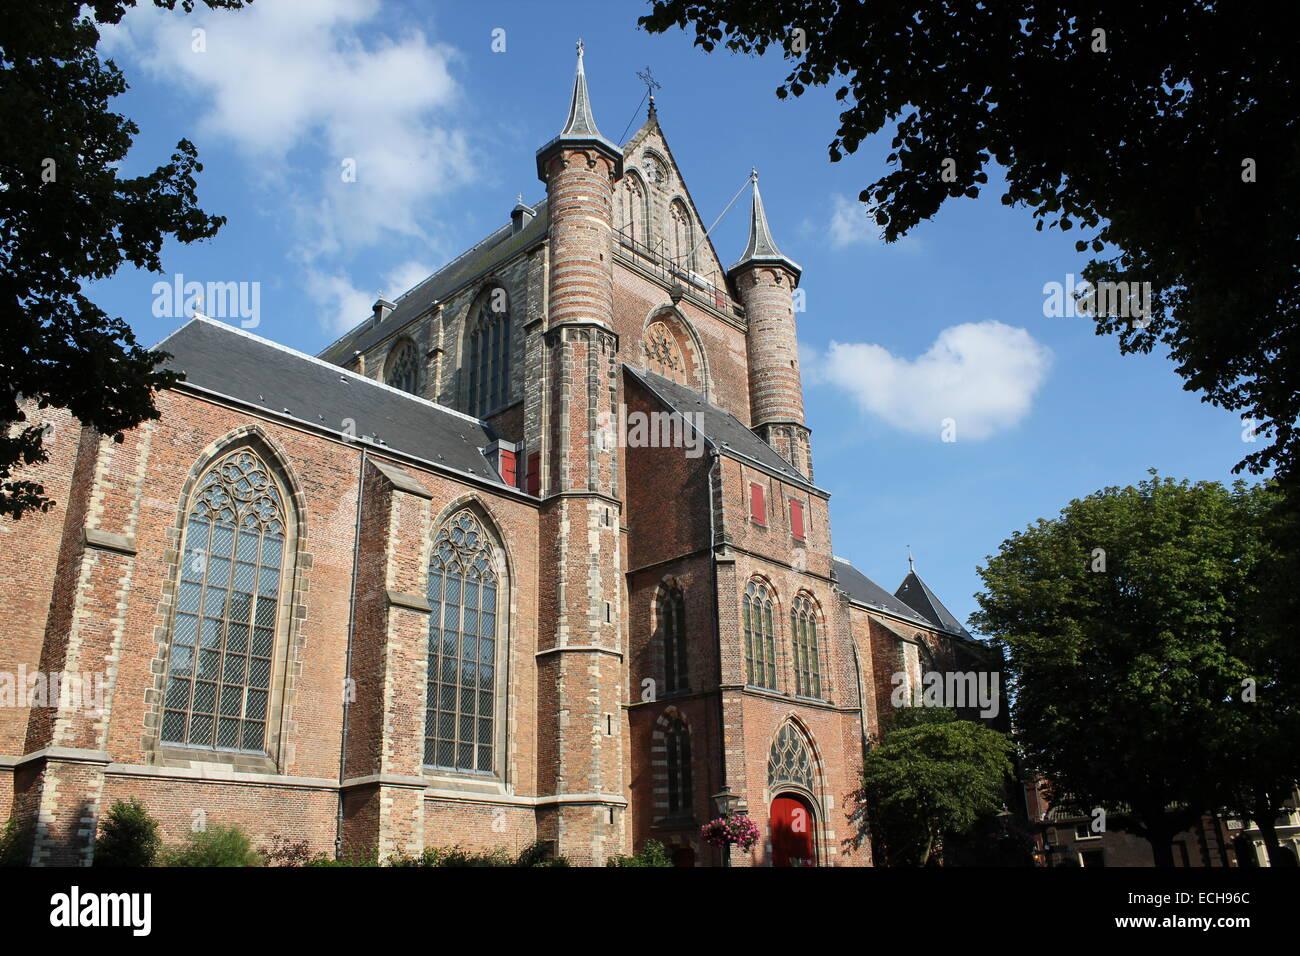 Außenfassade des 15. Jahrhunderts Pieterskerk, gewidmet St. Peter die spätgotische Kirche in Leiden, Niederlande Stockfoto